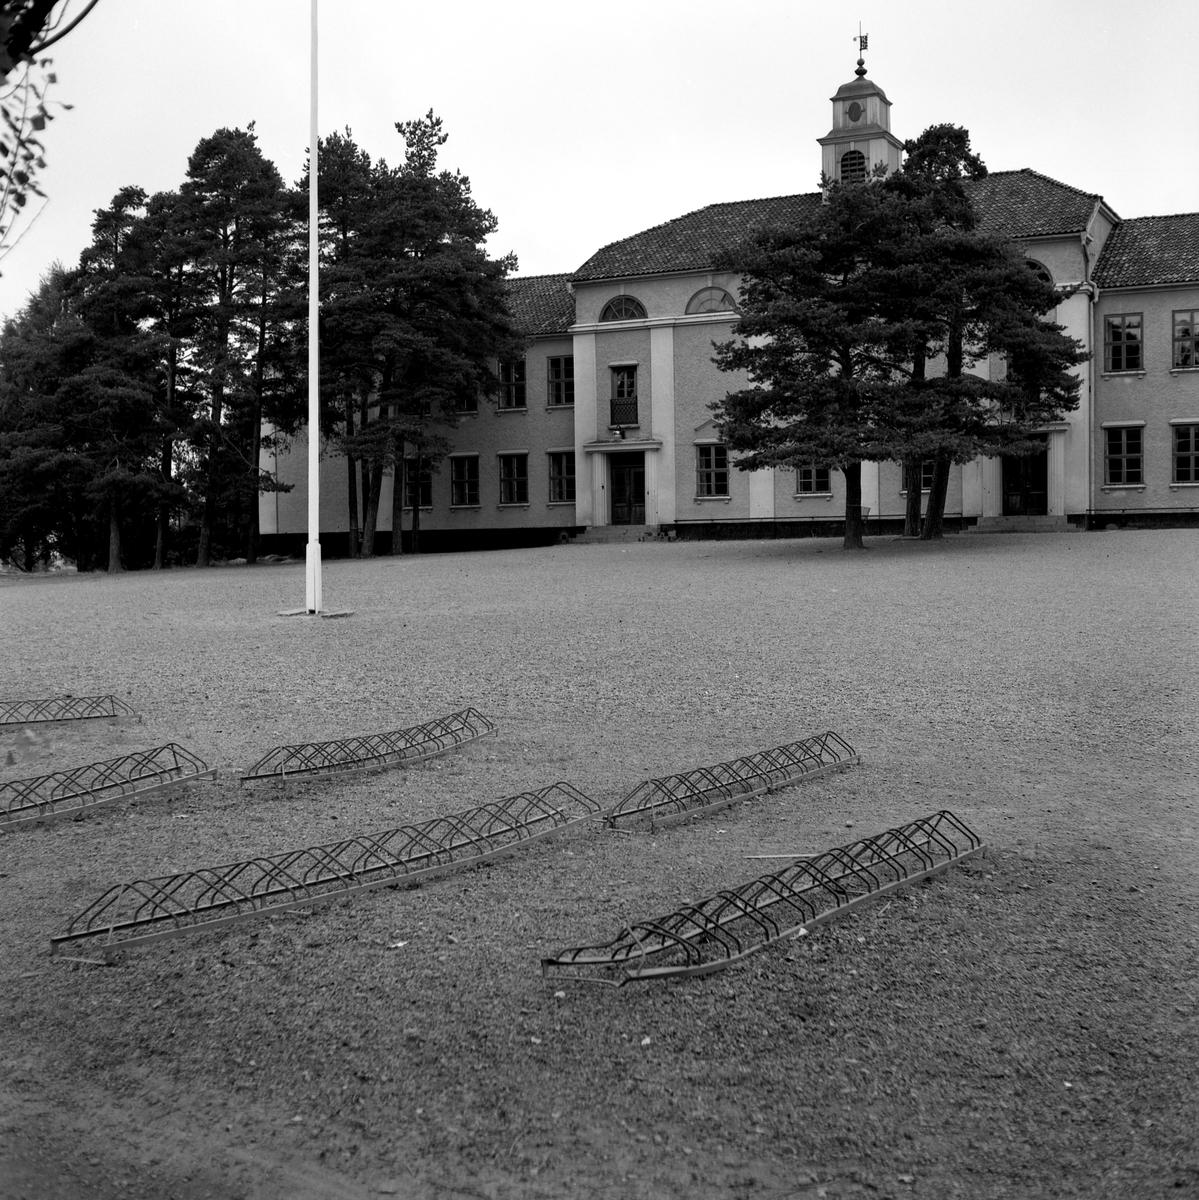 Någonstans i Värmland - från slutet av 1950-talet. Vid fototillfället användes byggnaden av Skoghalls realskola.